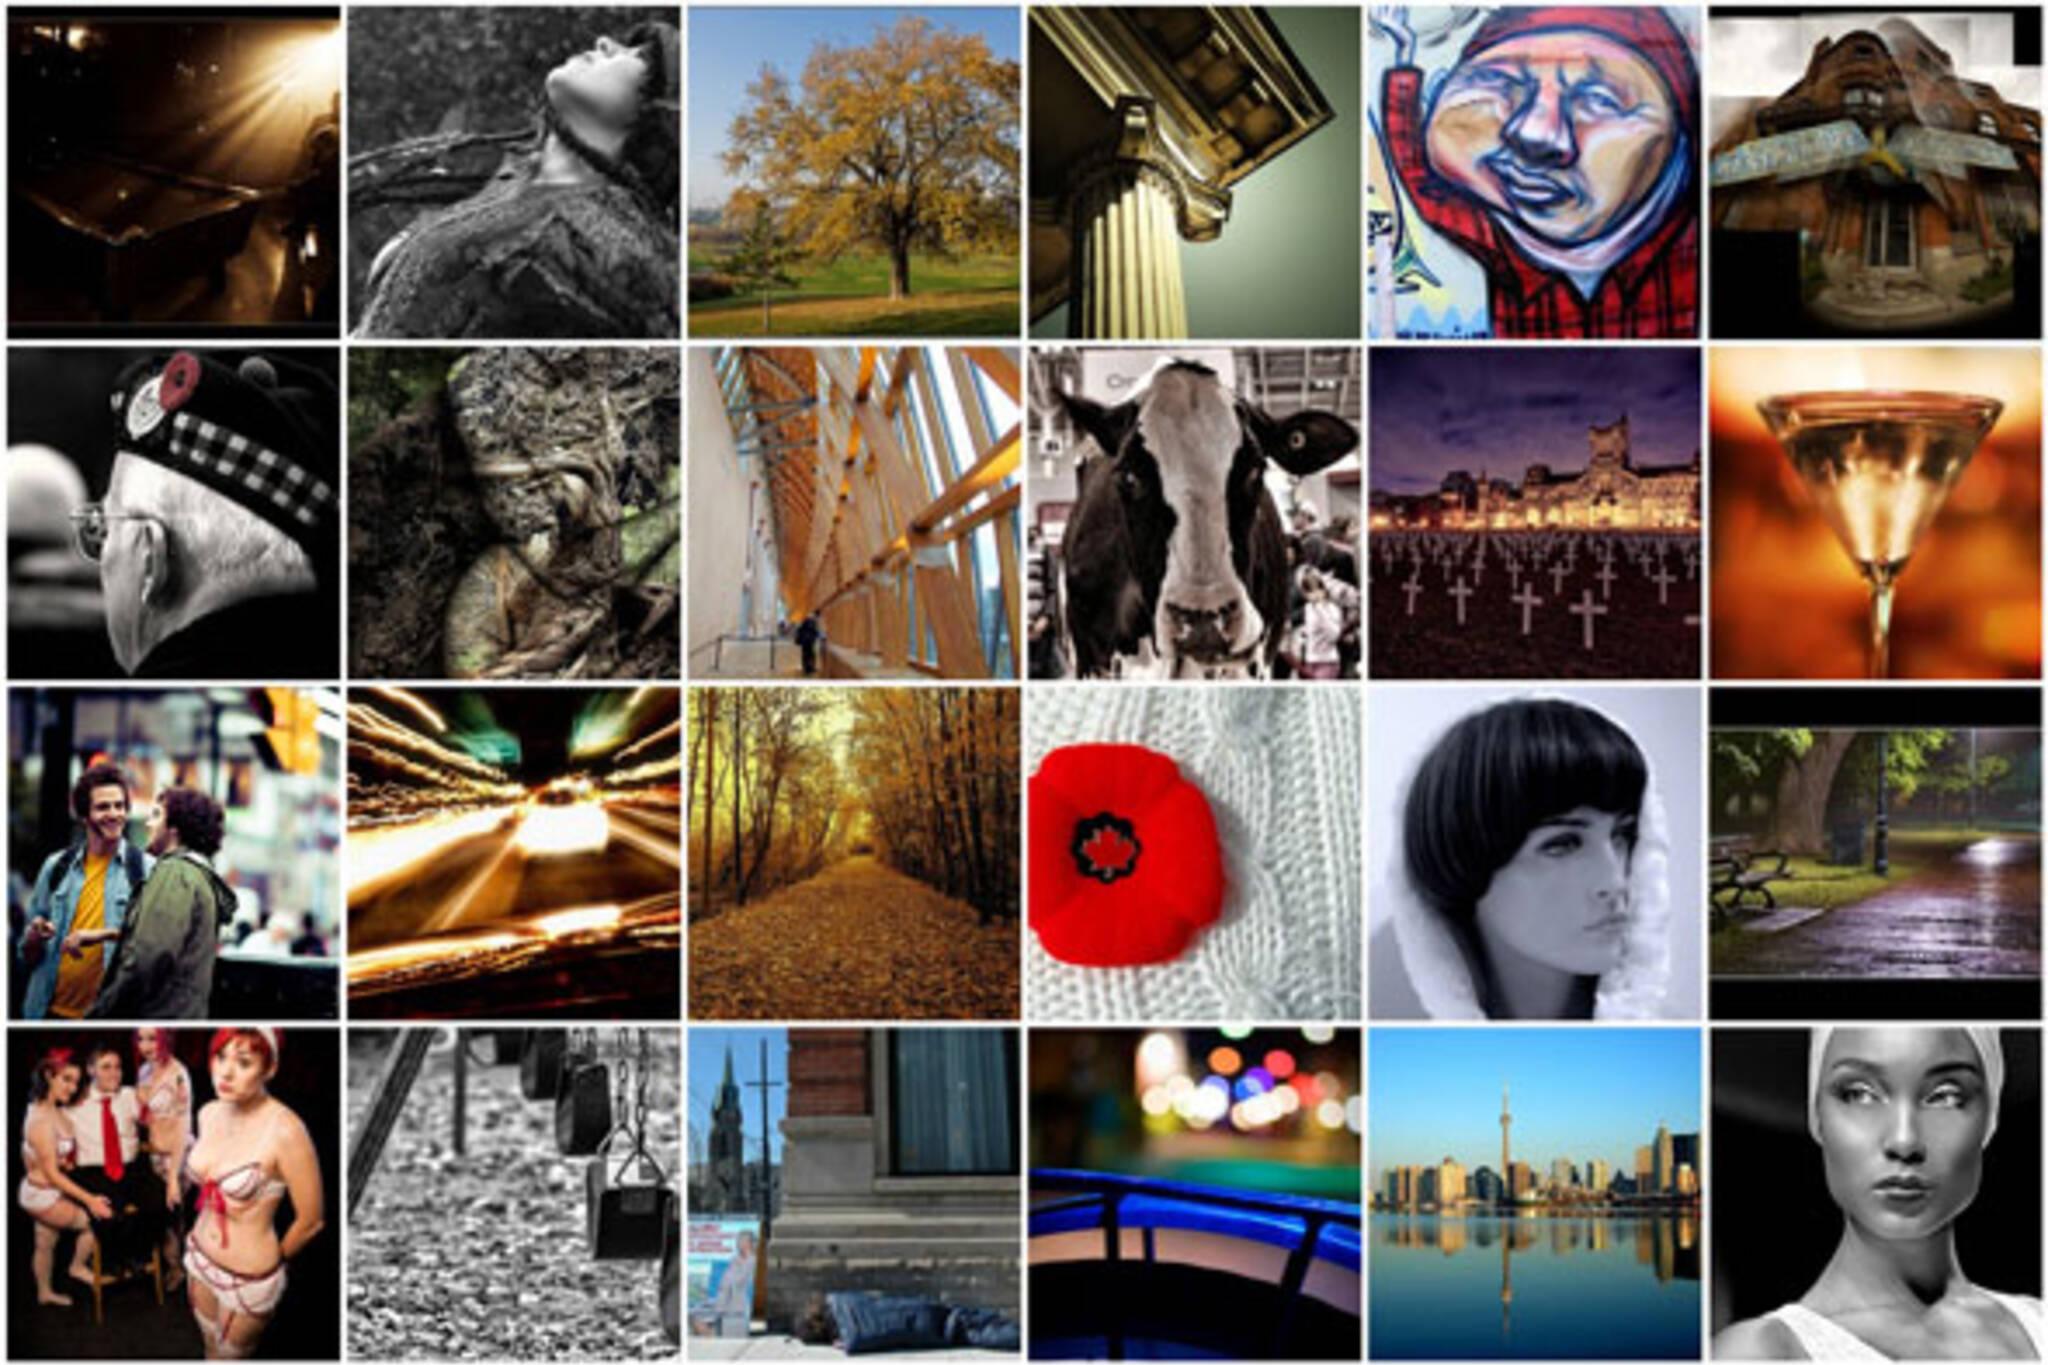 Flickr Forum - Nov 14, 2008